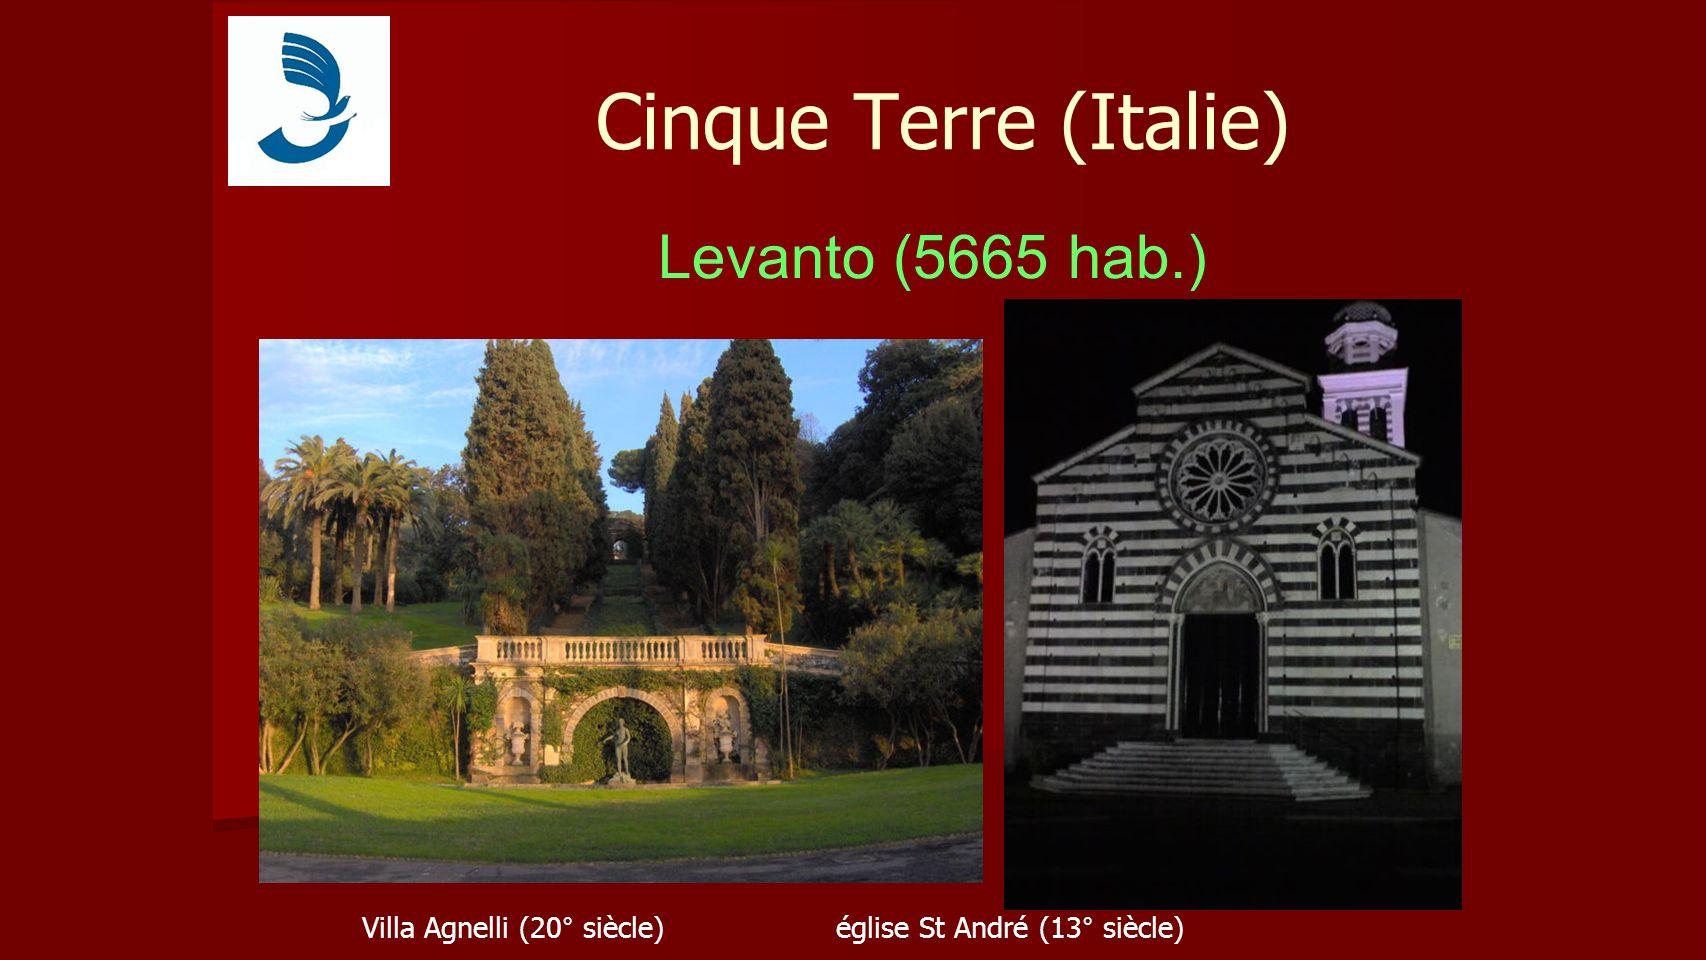 Cinque Terre (Italie) Levanto (5665 hab.) Villa Agnelli (20° siècle)église St André (13° siècle)